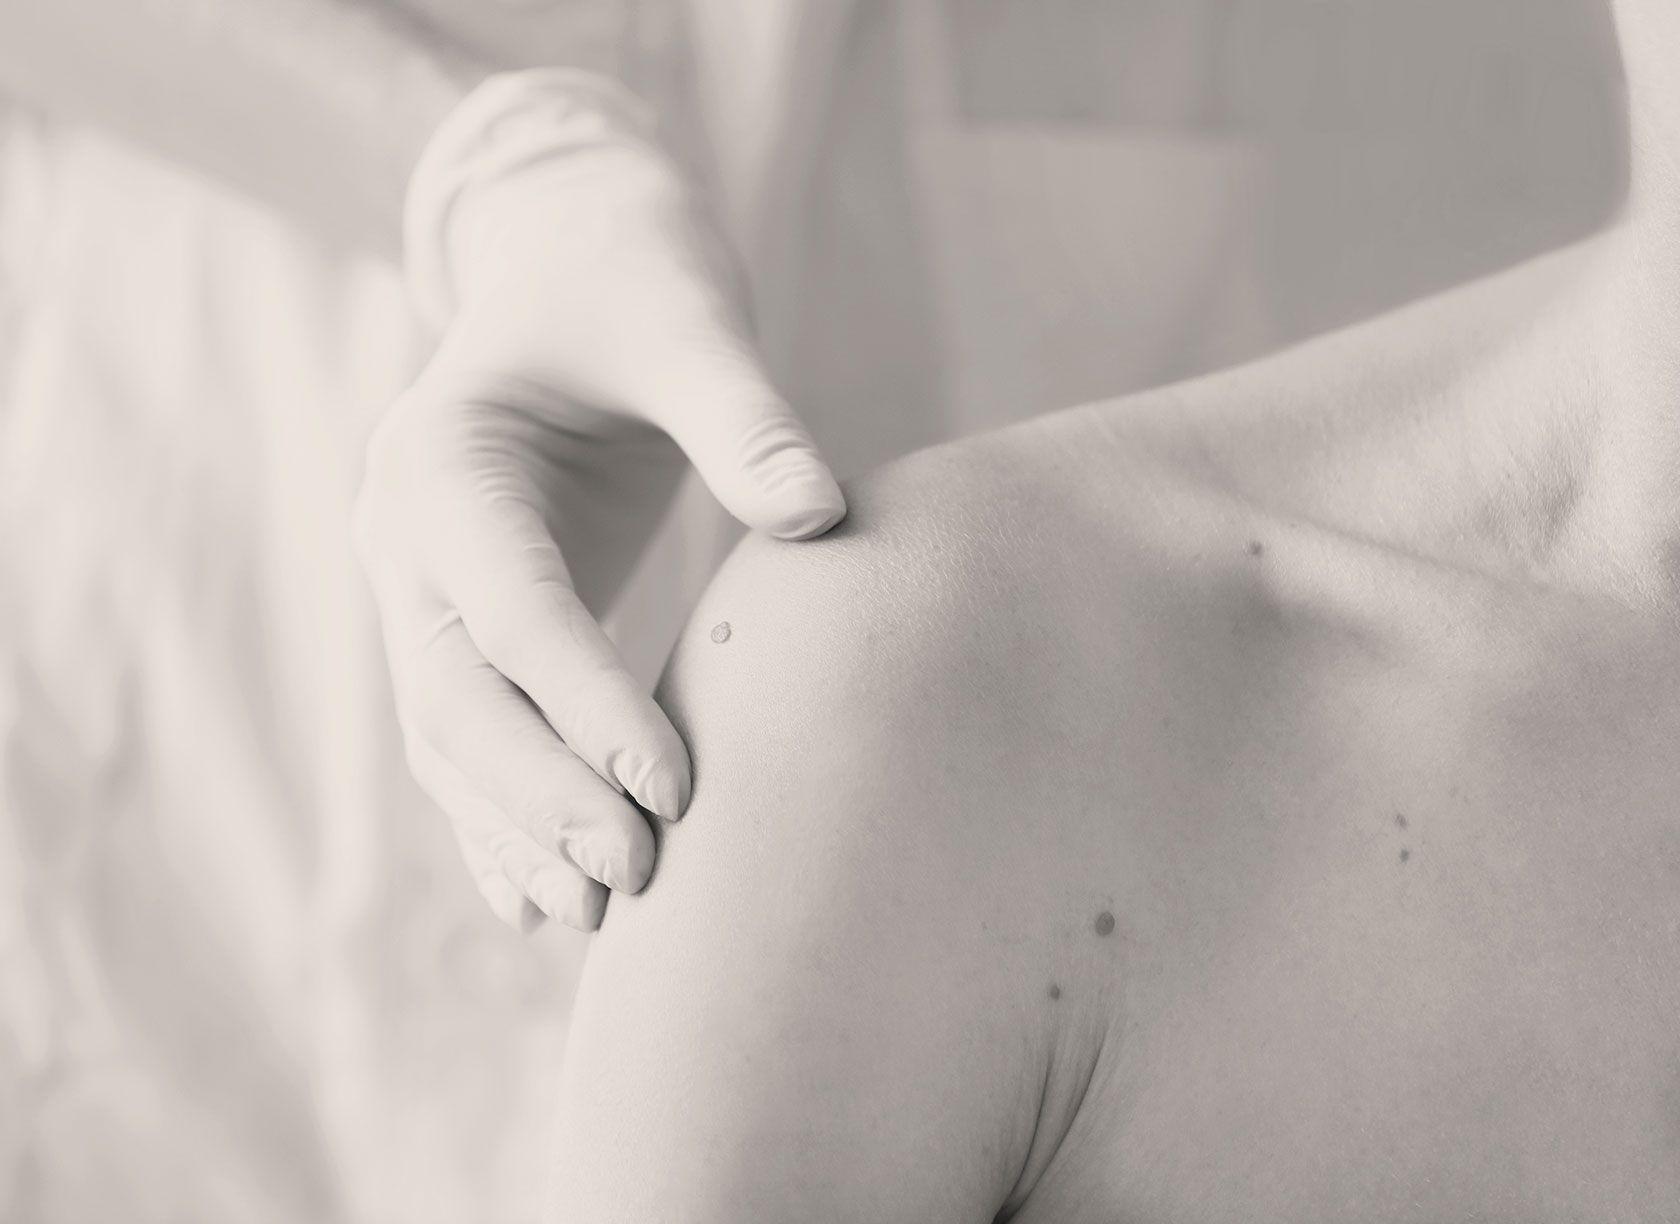 Chirurgie des tumeurs benignes à Paris 8 par le Dr Pachet